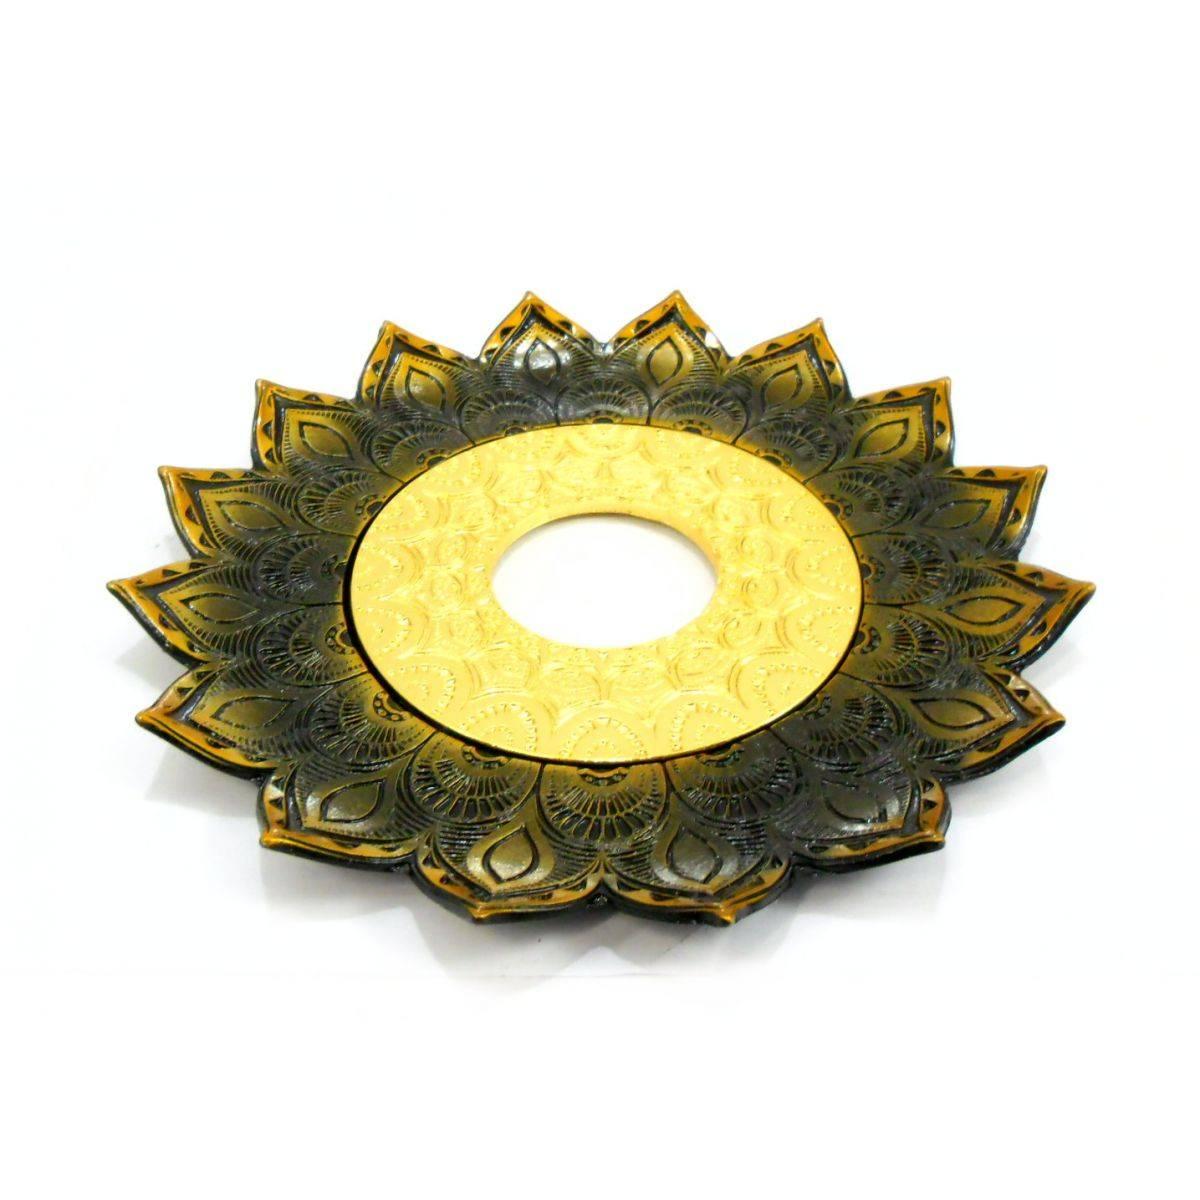 Prato luxo 17cm. Artemis. Em metal maciço, inox e decorado em alto relevo. Cor: OURO VELHO.